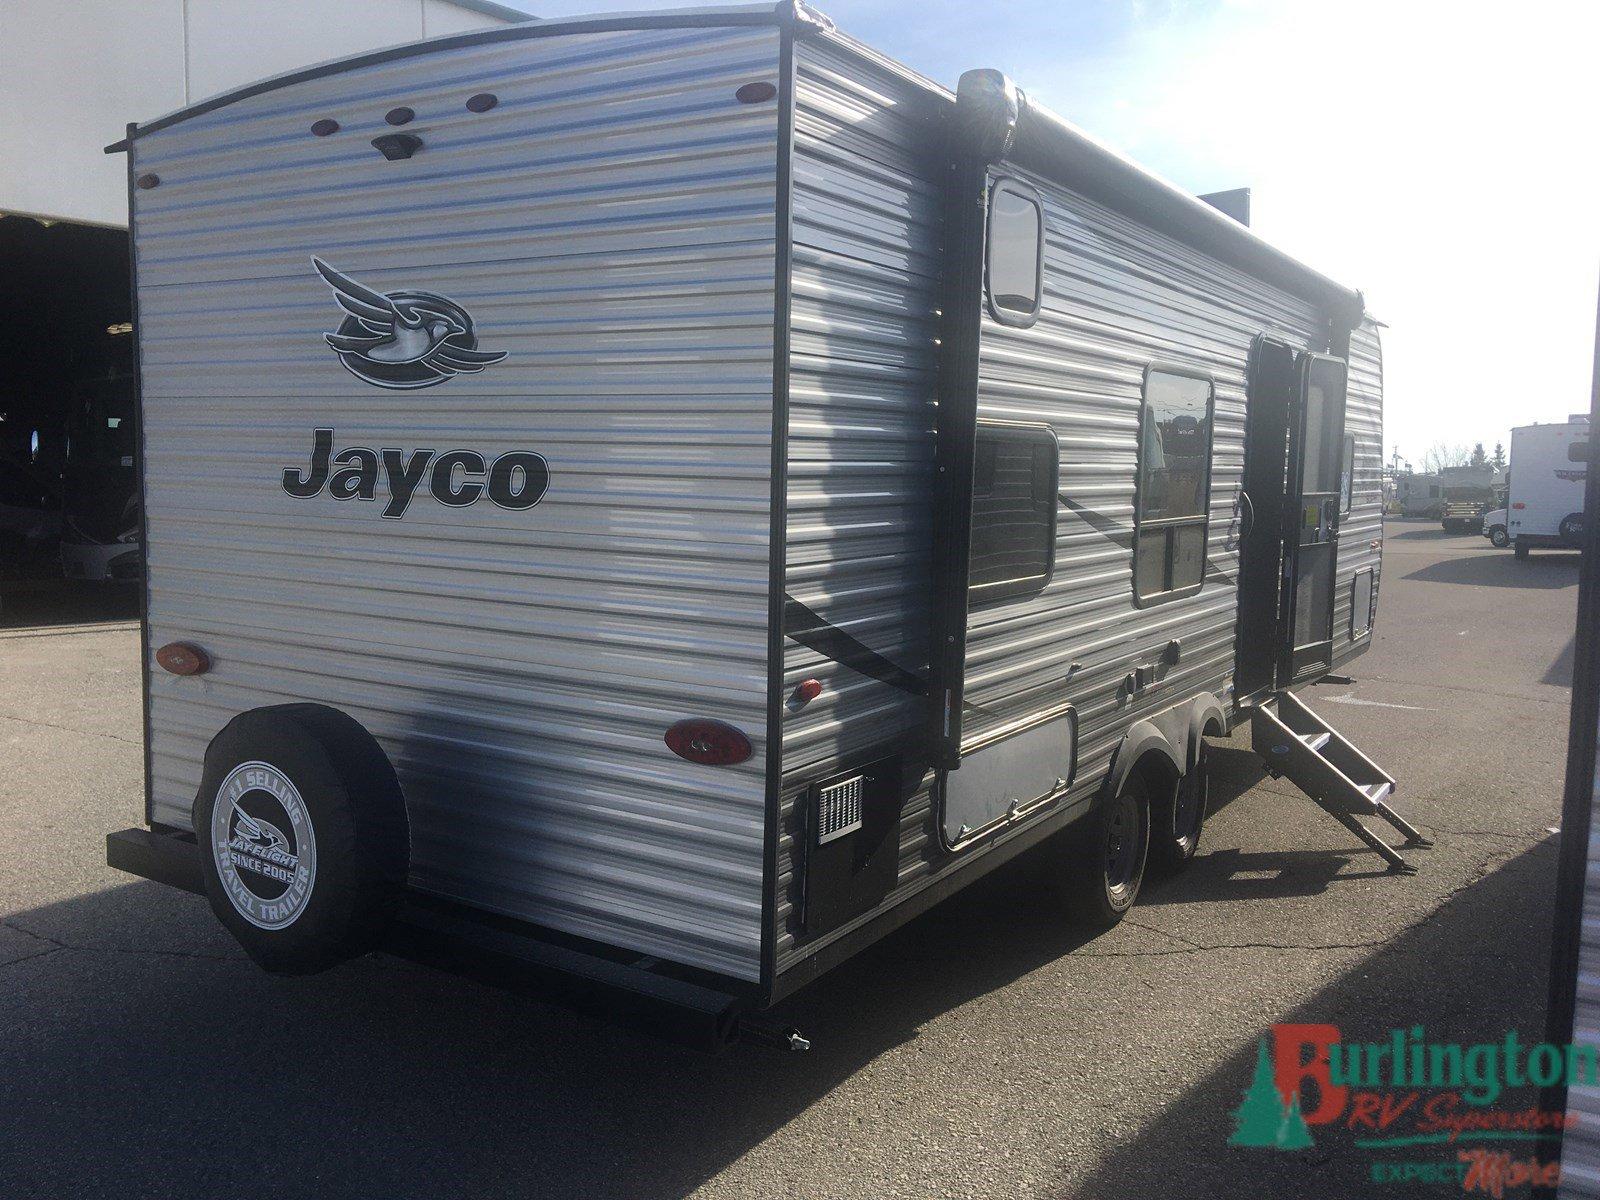 2020 Jayco Jay Flight Slx 264BH Thumbnail